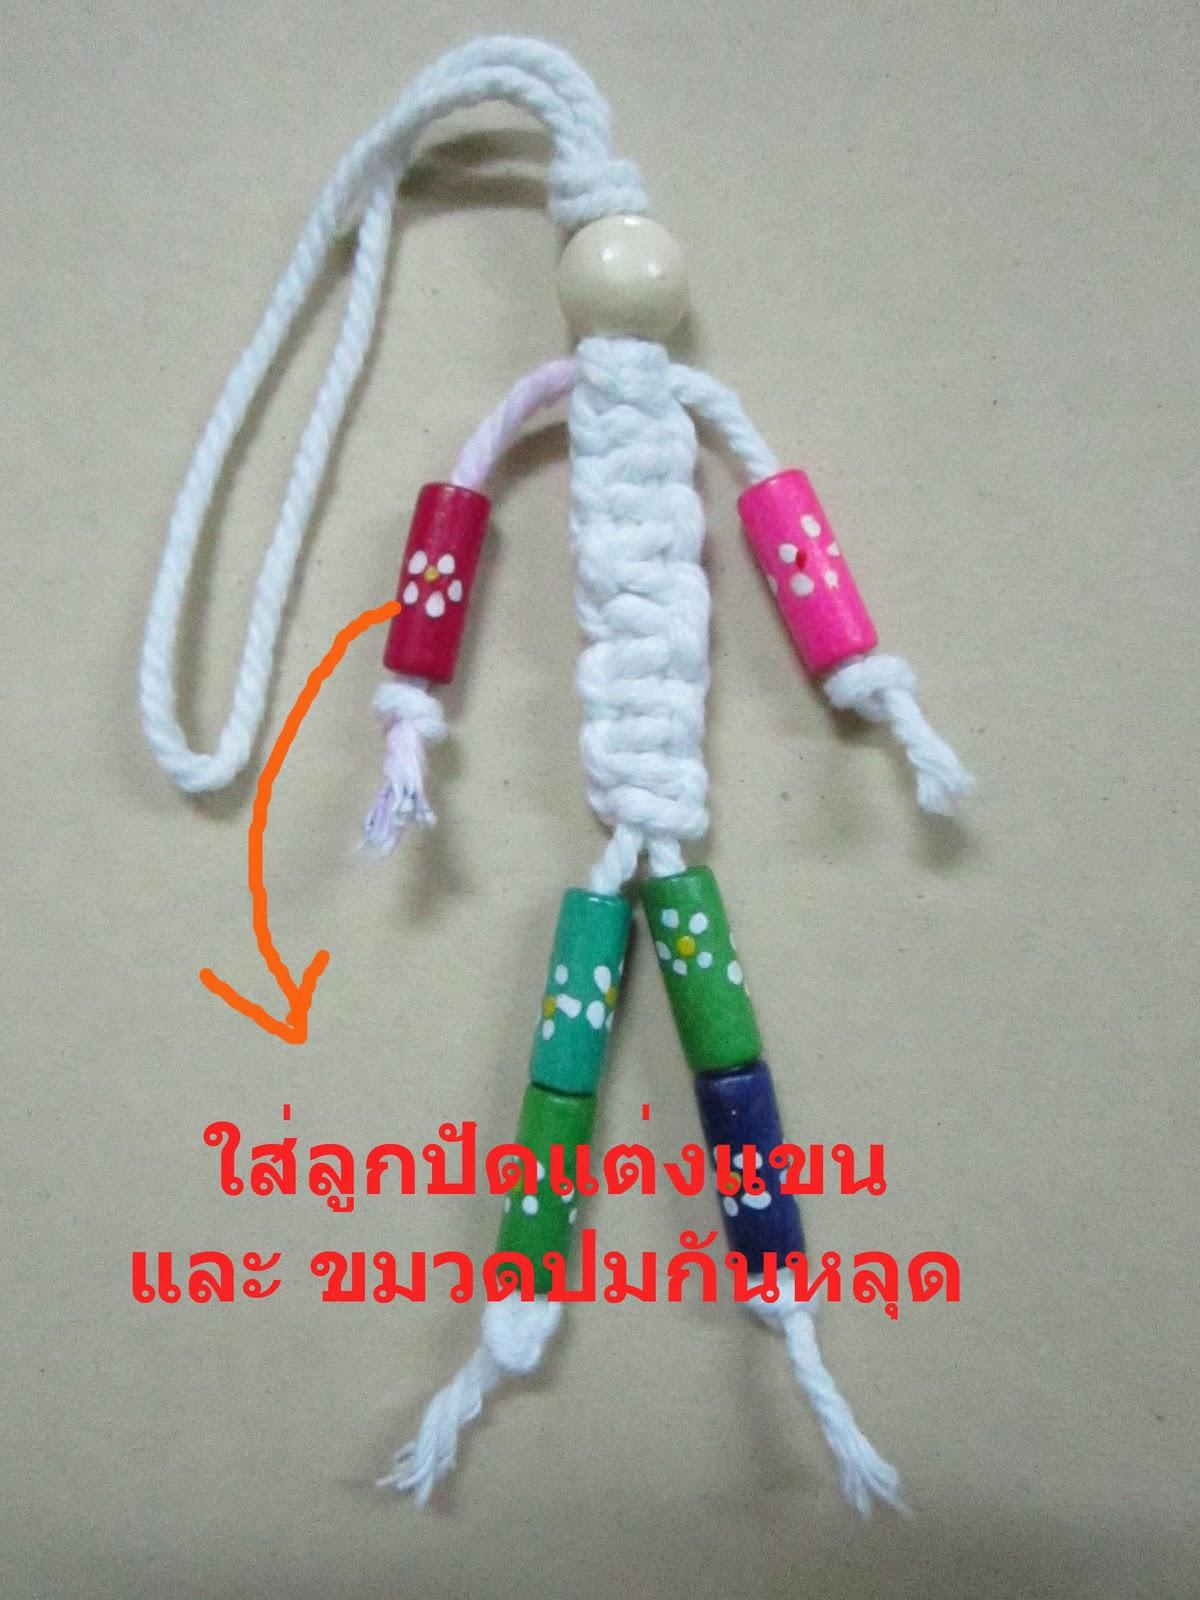 วิธีทำตุ๊กตาเชือกถักเอง ของที่ระลึก ของขวัญทำเอง วิธีทำของชำร่วยง่าย